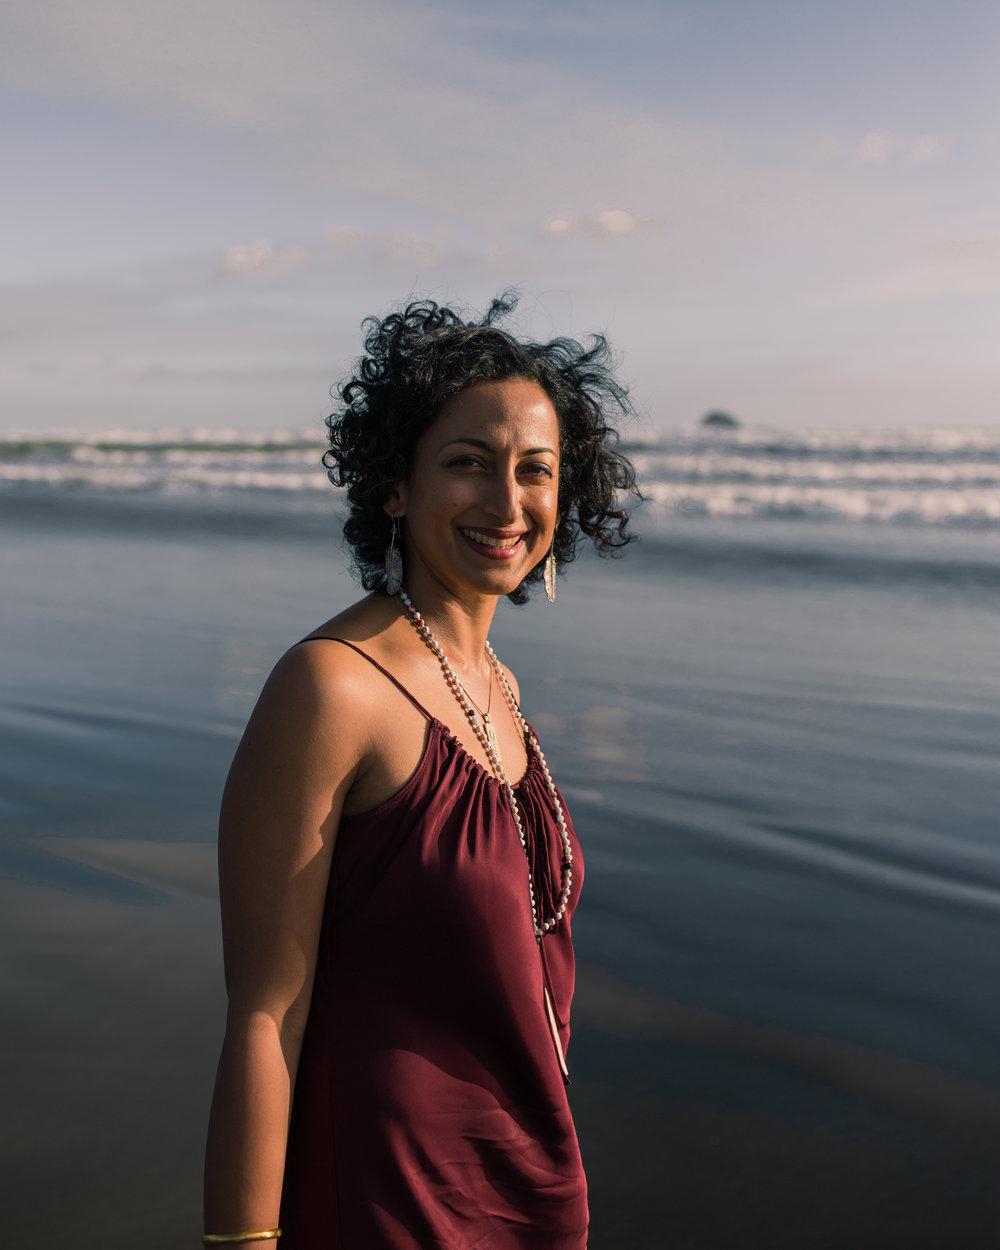 Dheepa Nedungat - Divine Feminine Mentor, Artist & Mother; Auckland, New Zealand